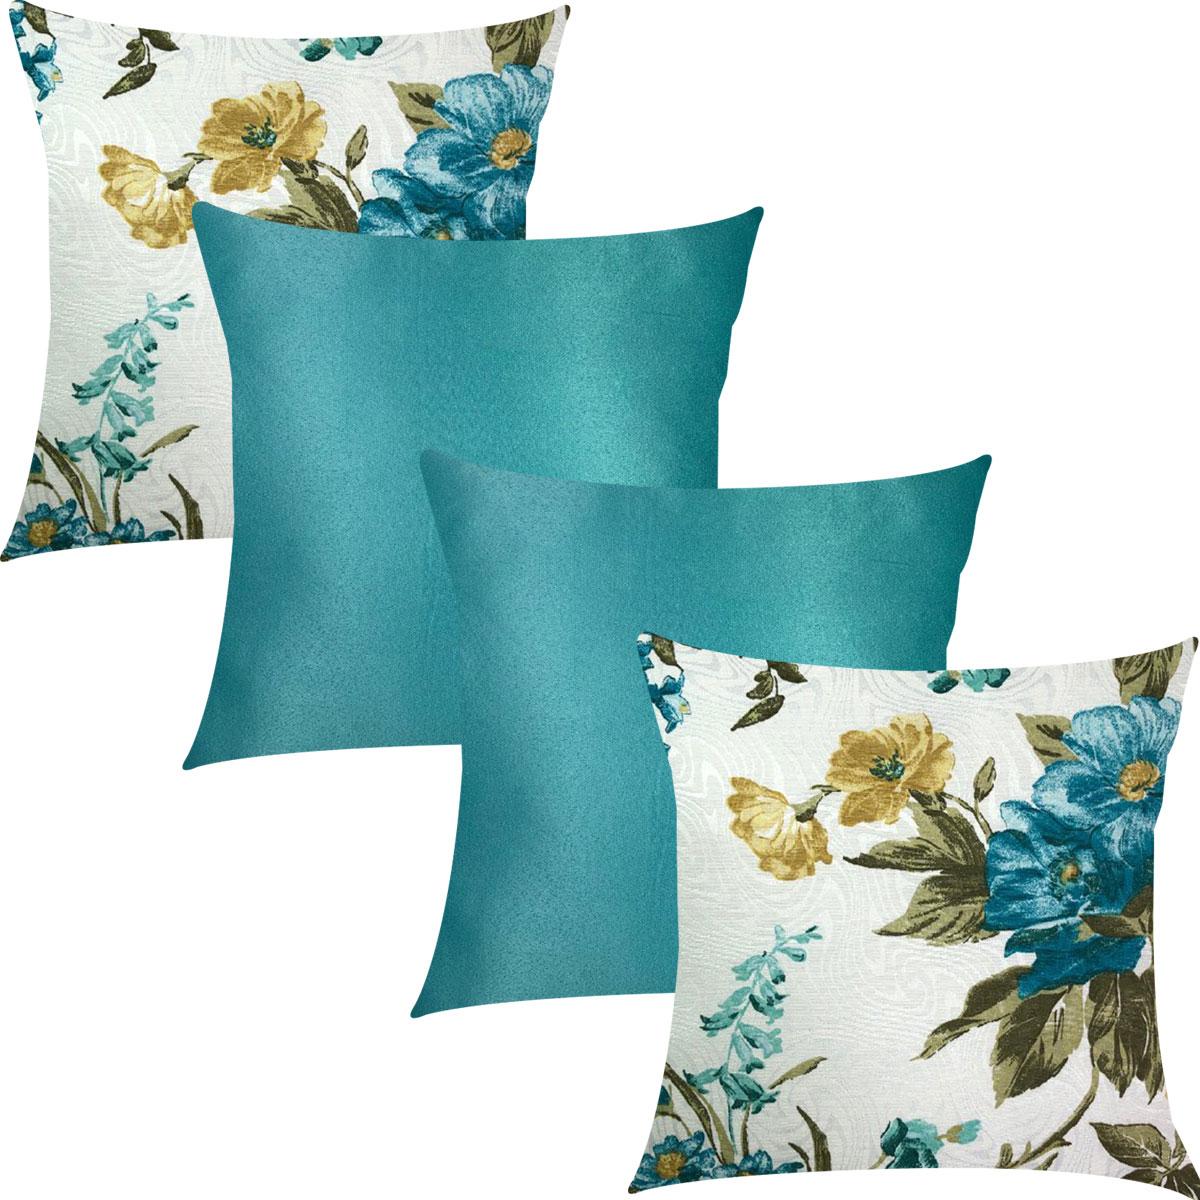 Kit 4 Capas de Almofadas Floral Azul Celeste e Tiffany Liso 45cmx45cm